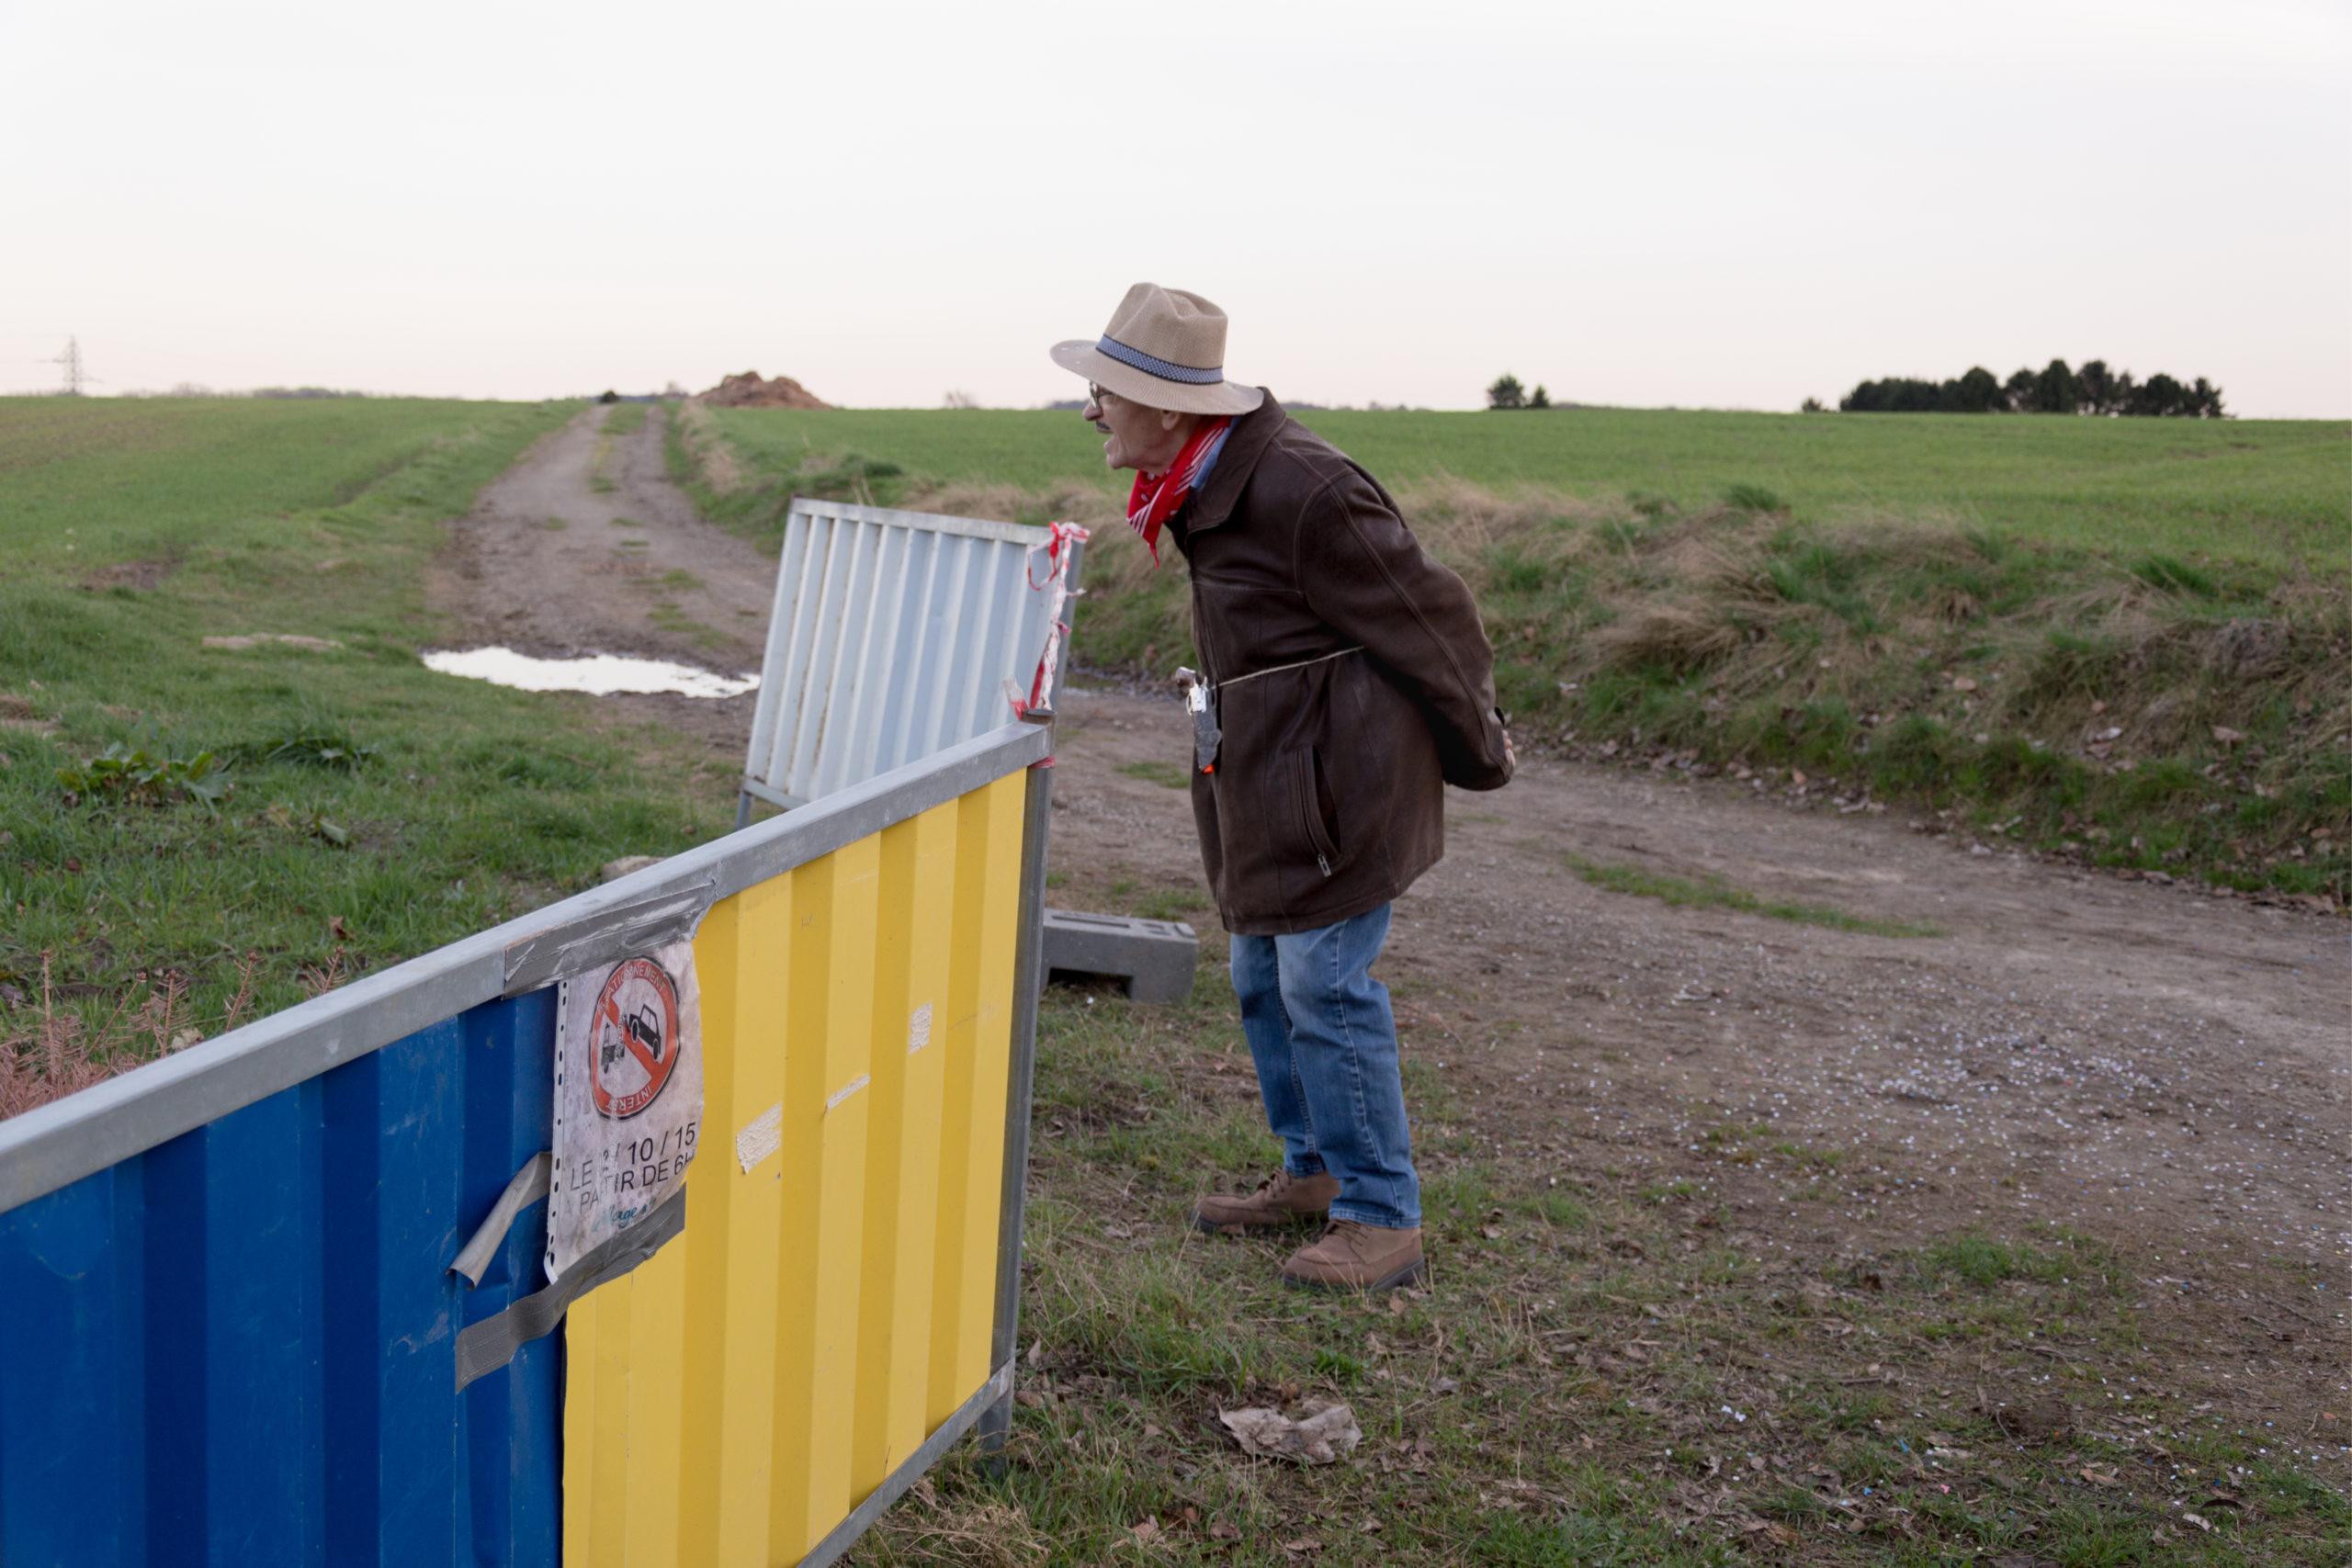 Vieil homme handicapé habillé en cow boy à l'extérieur regardant quelque chose dans un champ